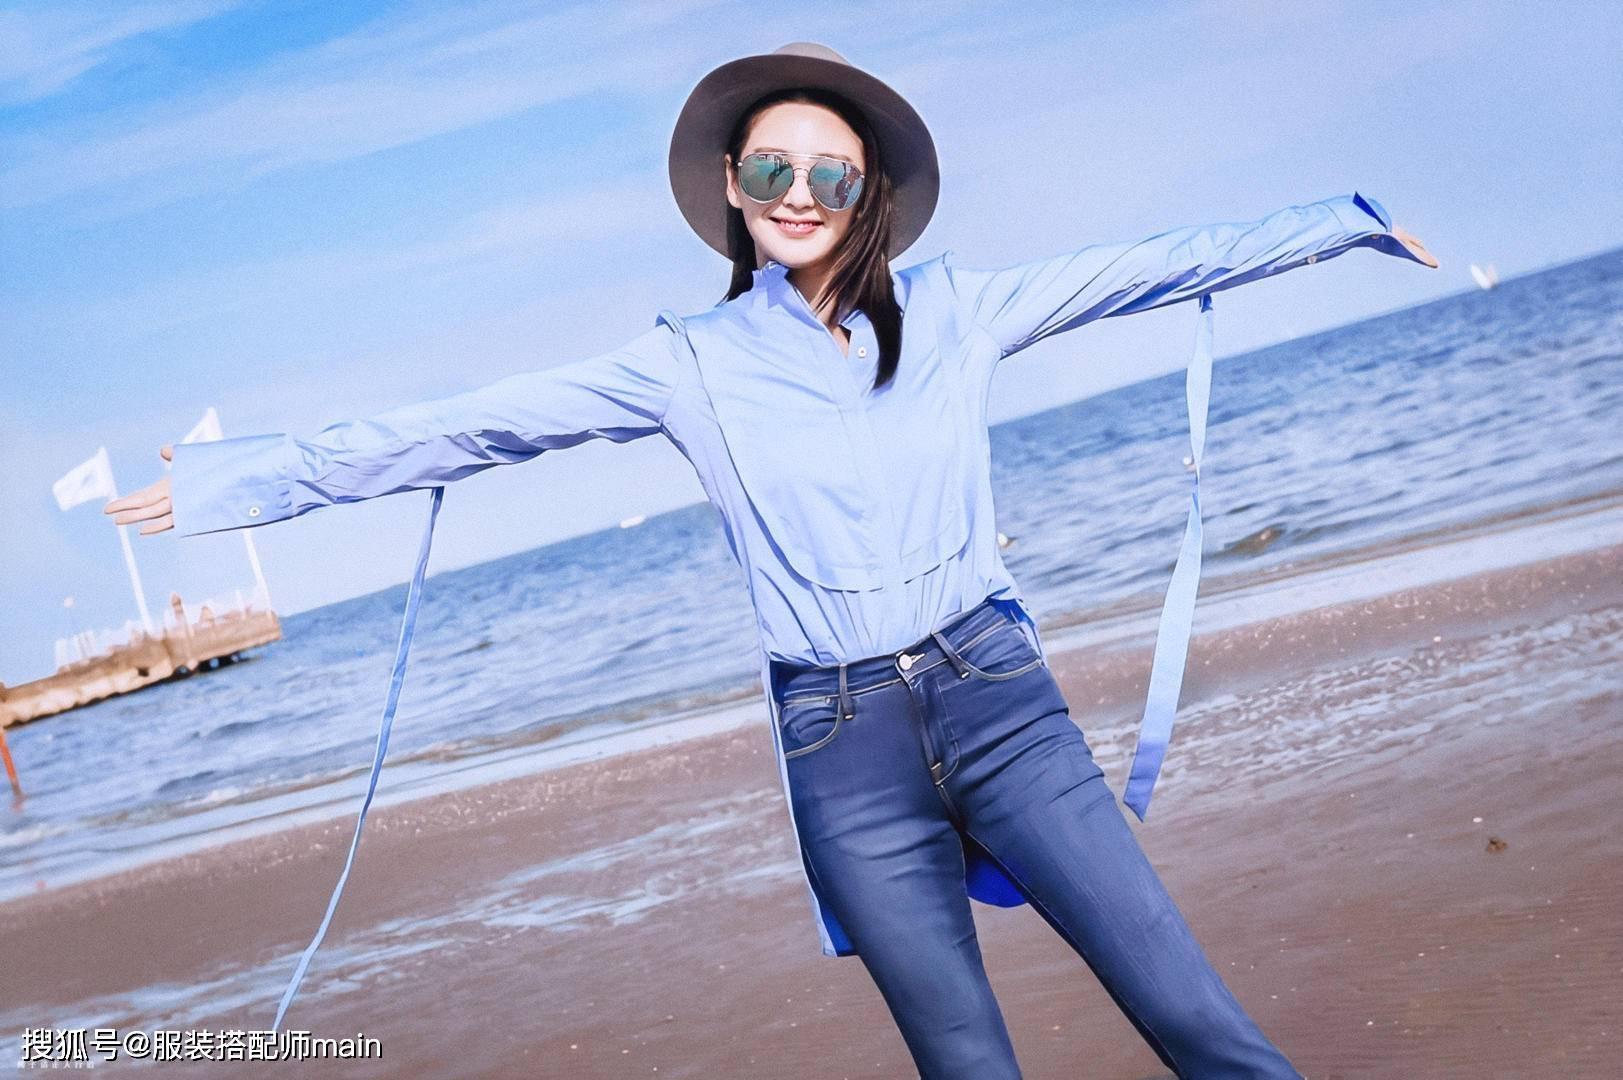 原创             张雨绮真会穿,一袭雾霾蓝衬衫裙美得高级,抽褶收腰显高又显瘦